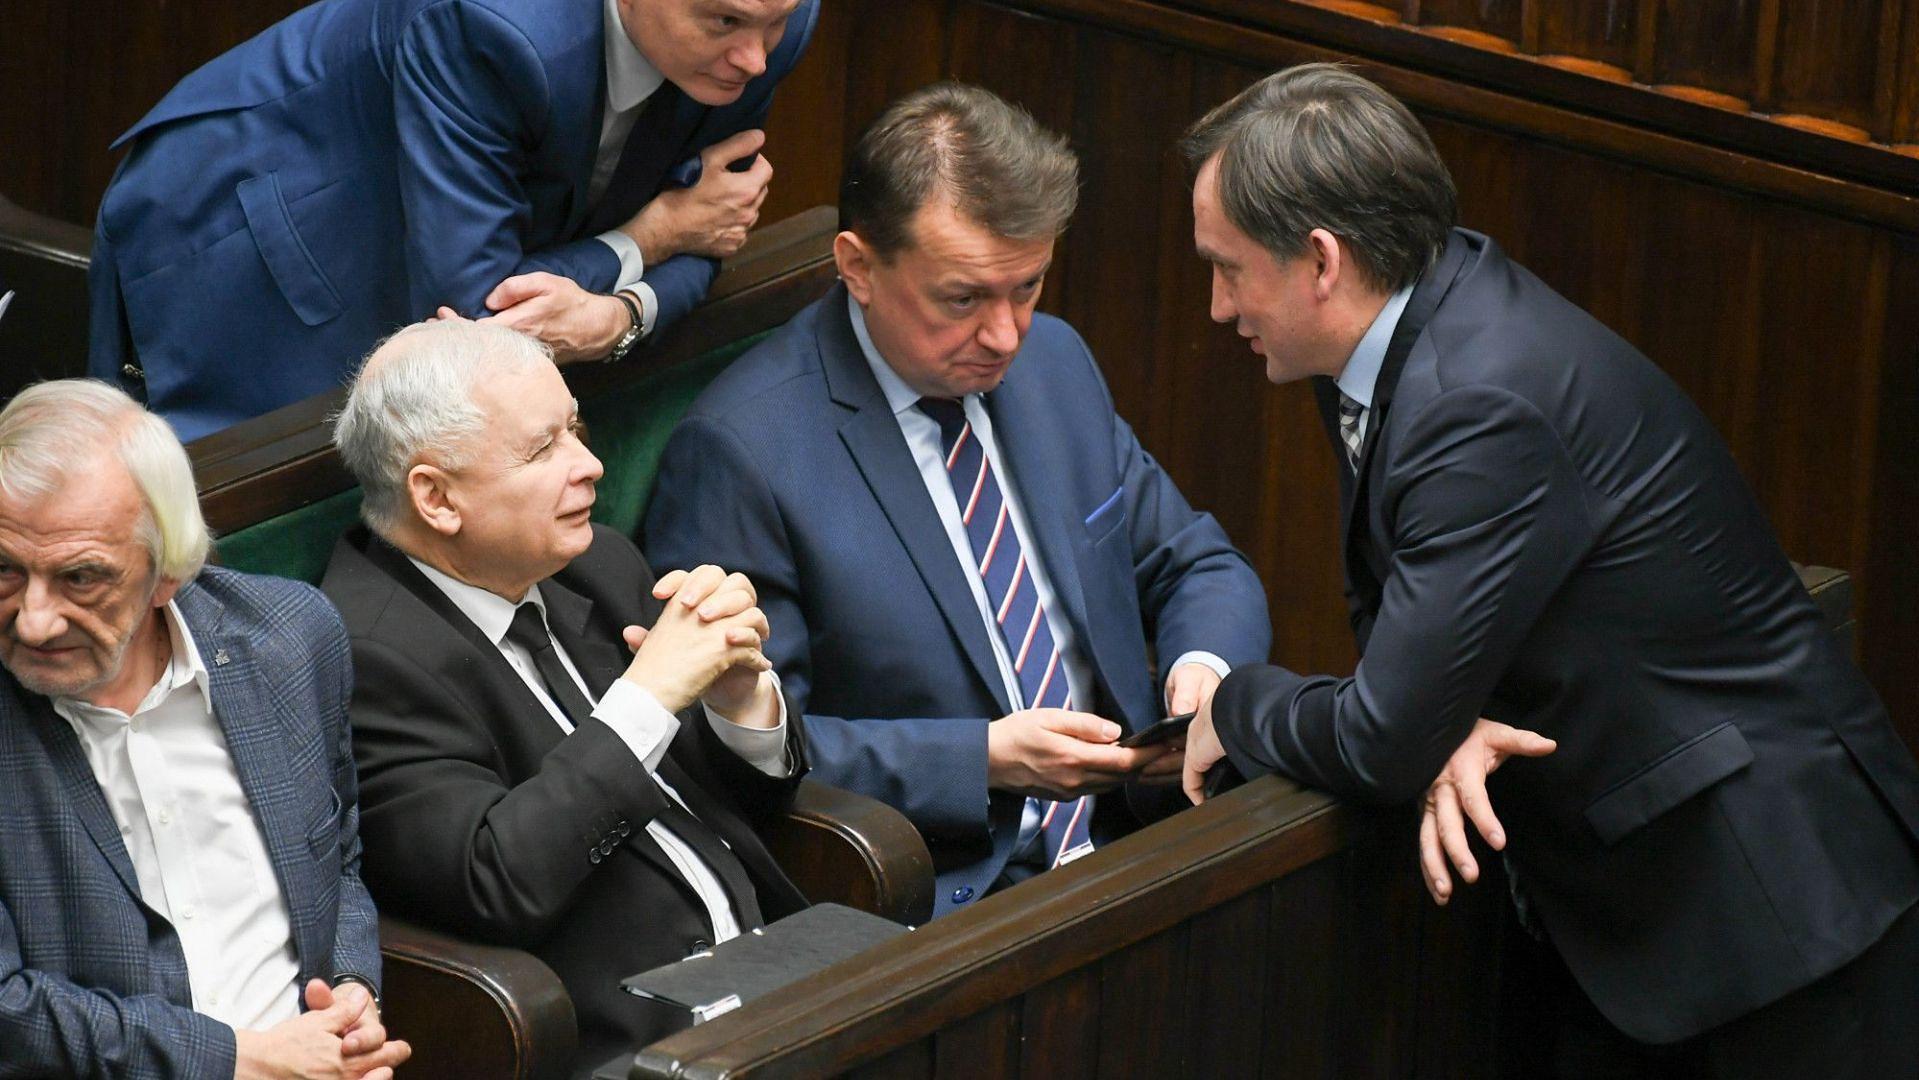 Fot. Jacek Domiński